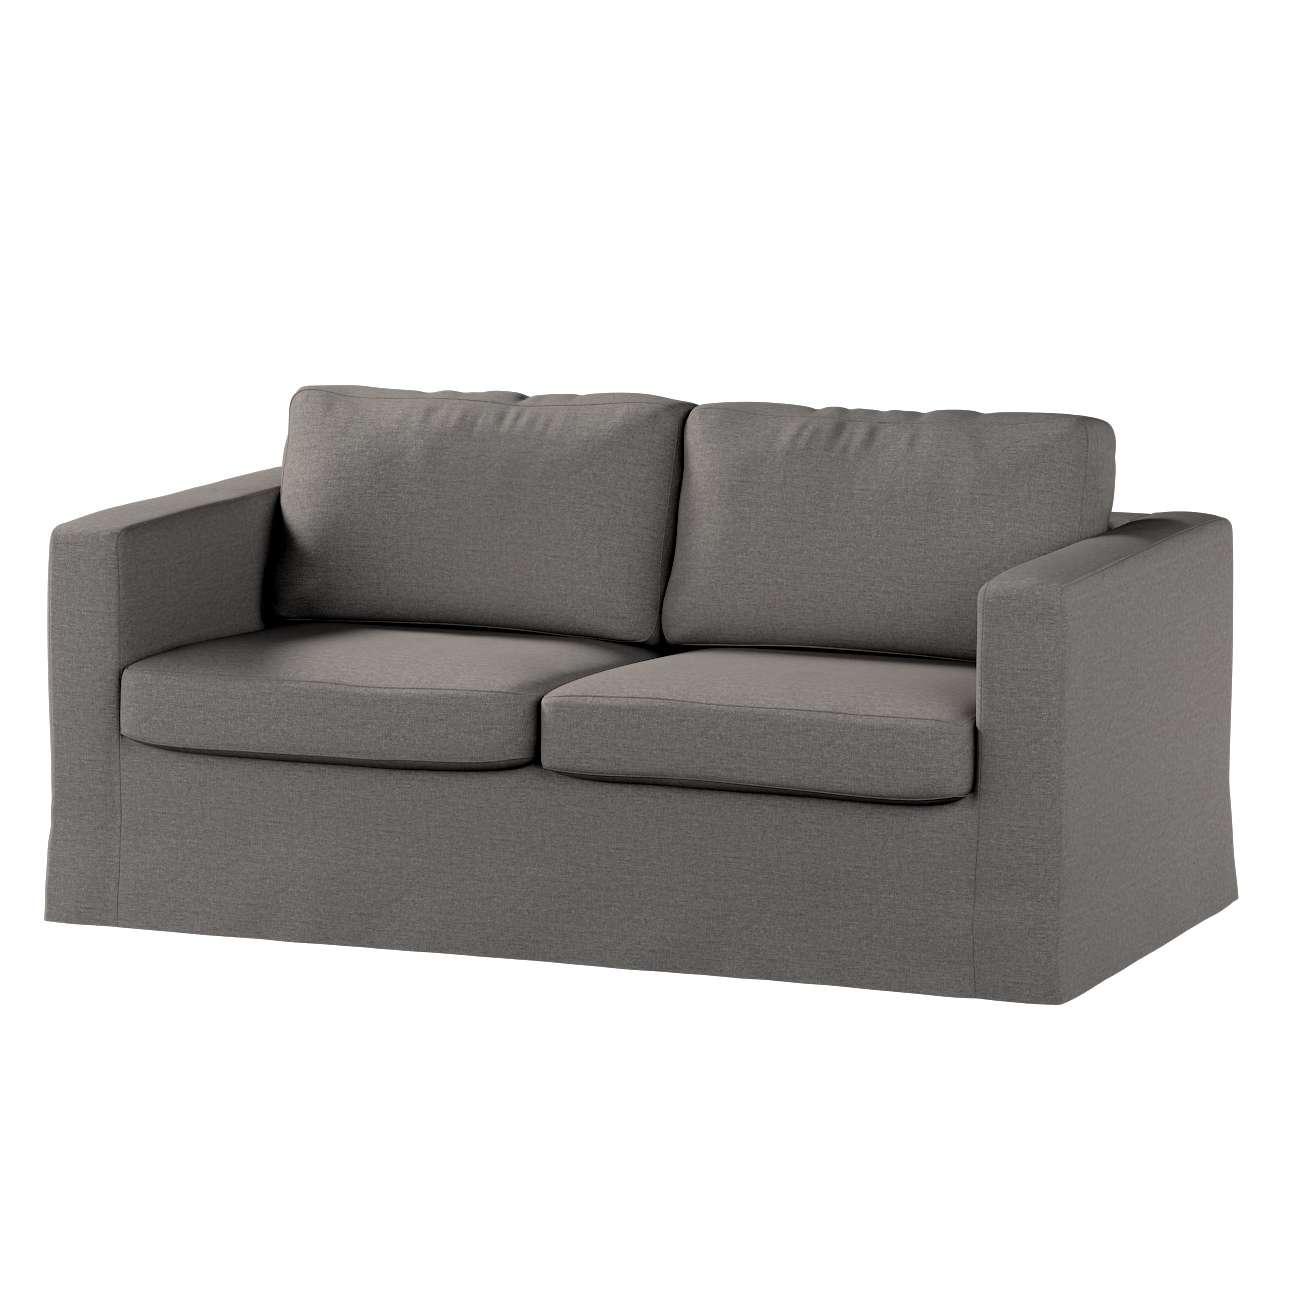 Pokrowiec na sofę Karlstad 2-osobową nierozkładaną długi Sofa Karlstad 2-osobowa w kolekcji Edinburgh, tkanina: 115-77